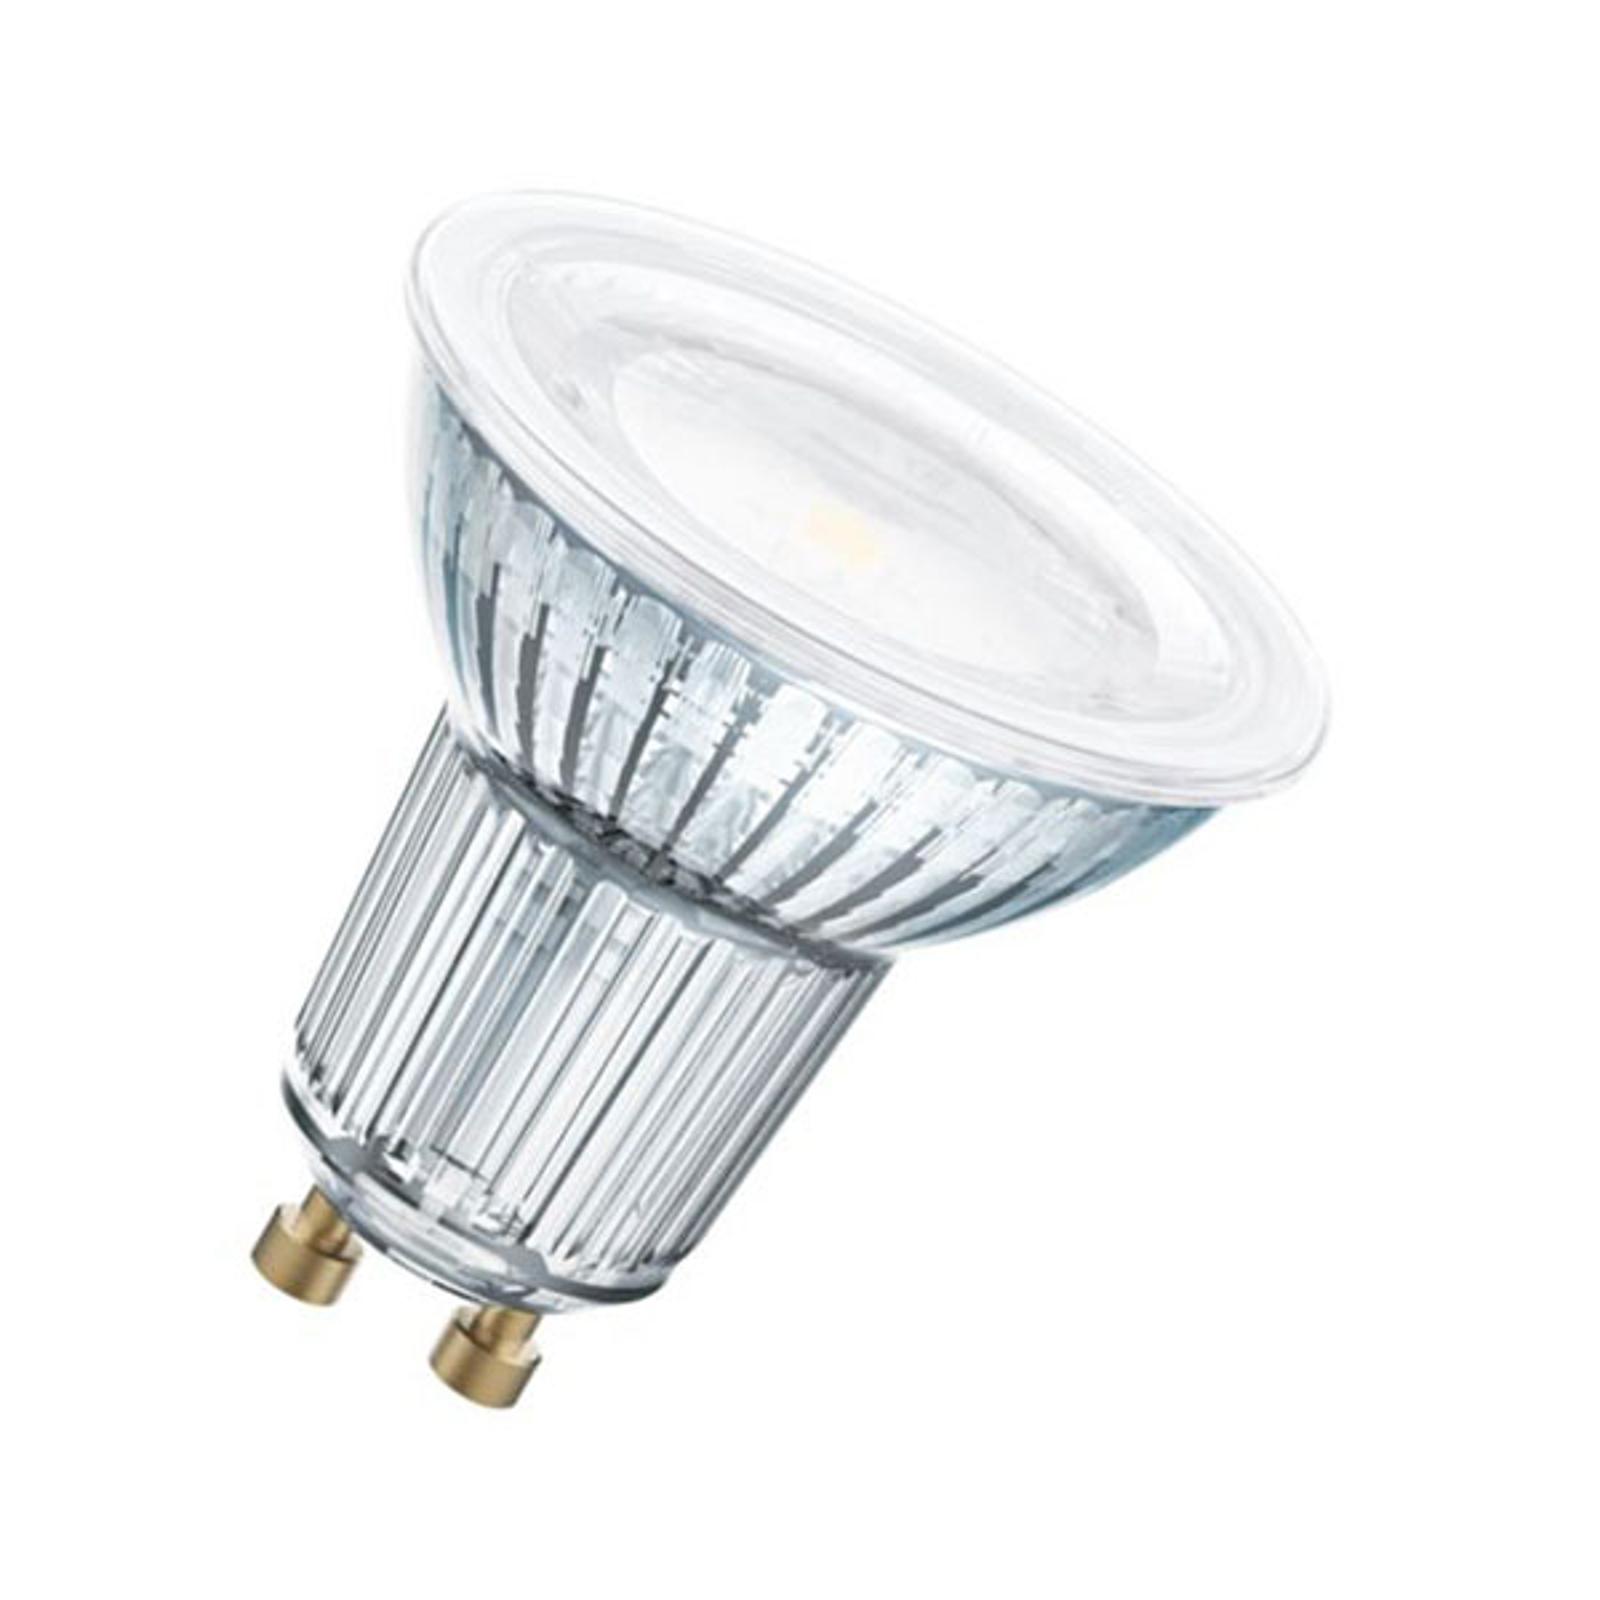 OSRAM LED-reflektor GU10 6,9W varmhvit 120°